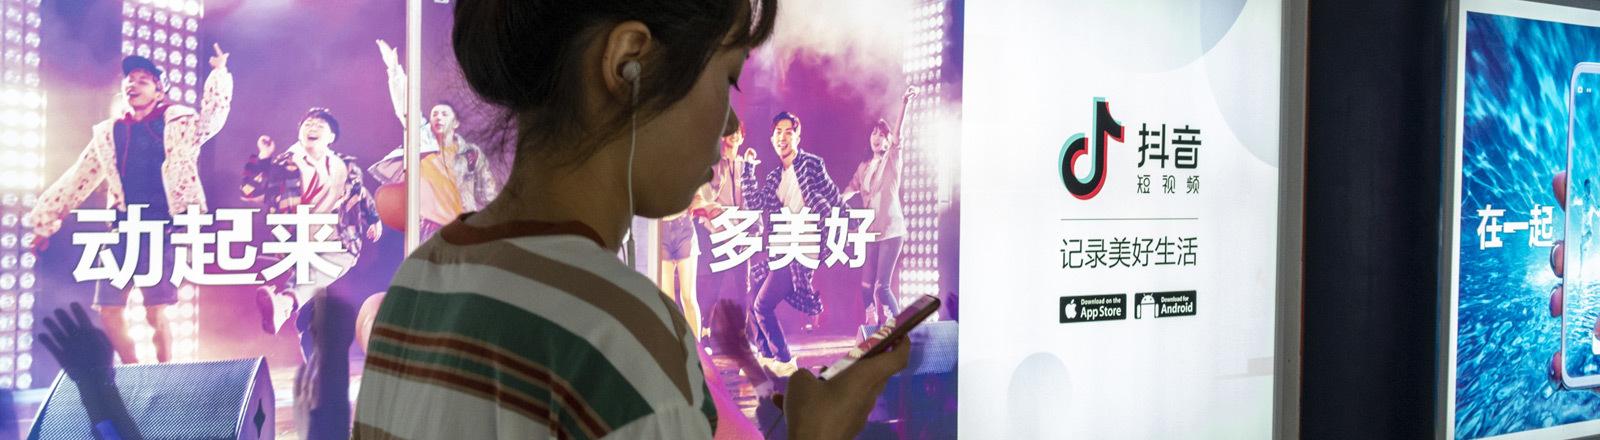 Eine Chinesin in einer Unterführung blickt auf ihr Smartphone.